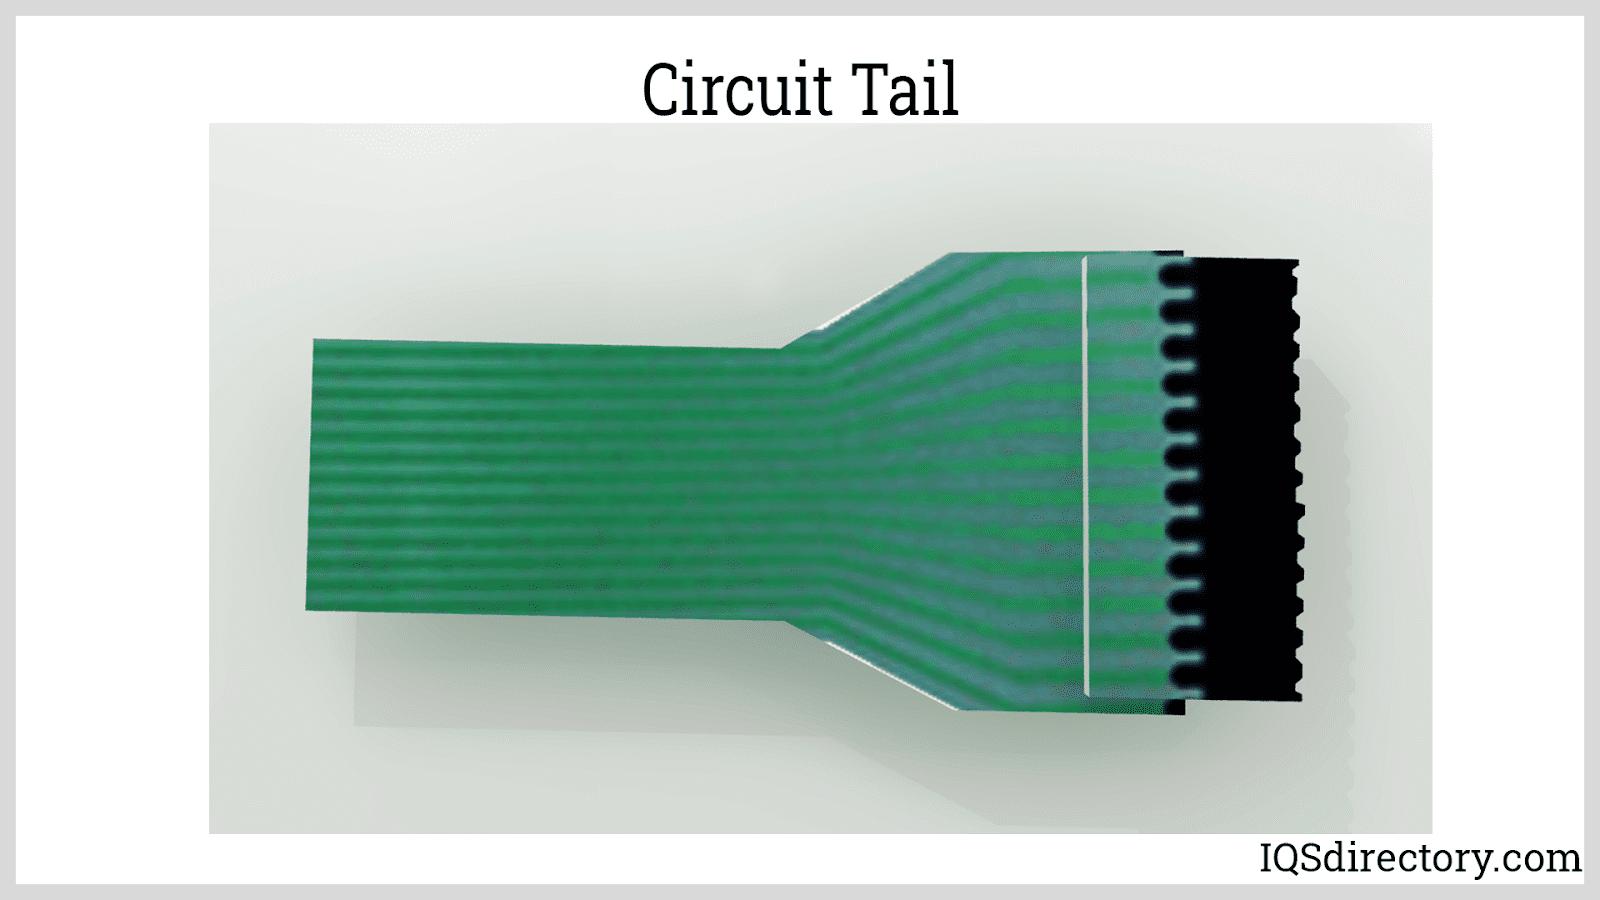 Circuit Tail